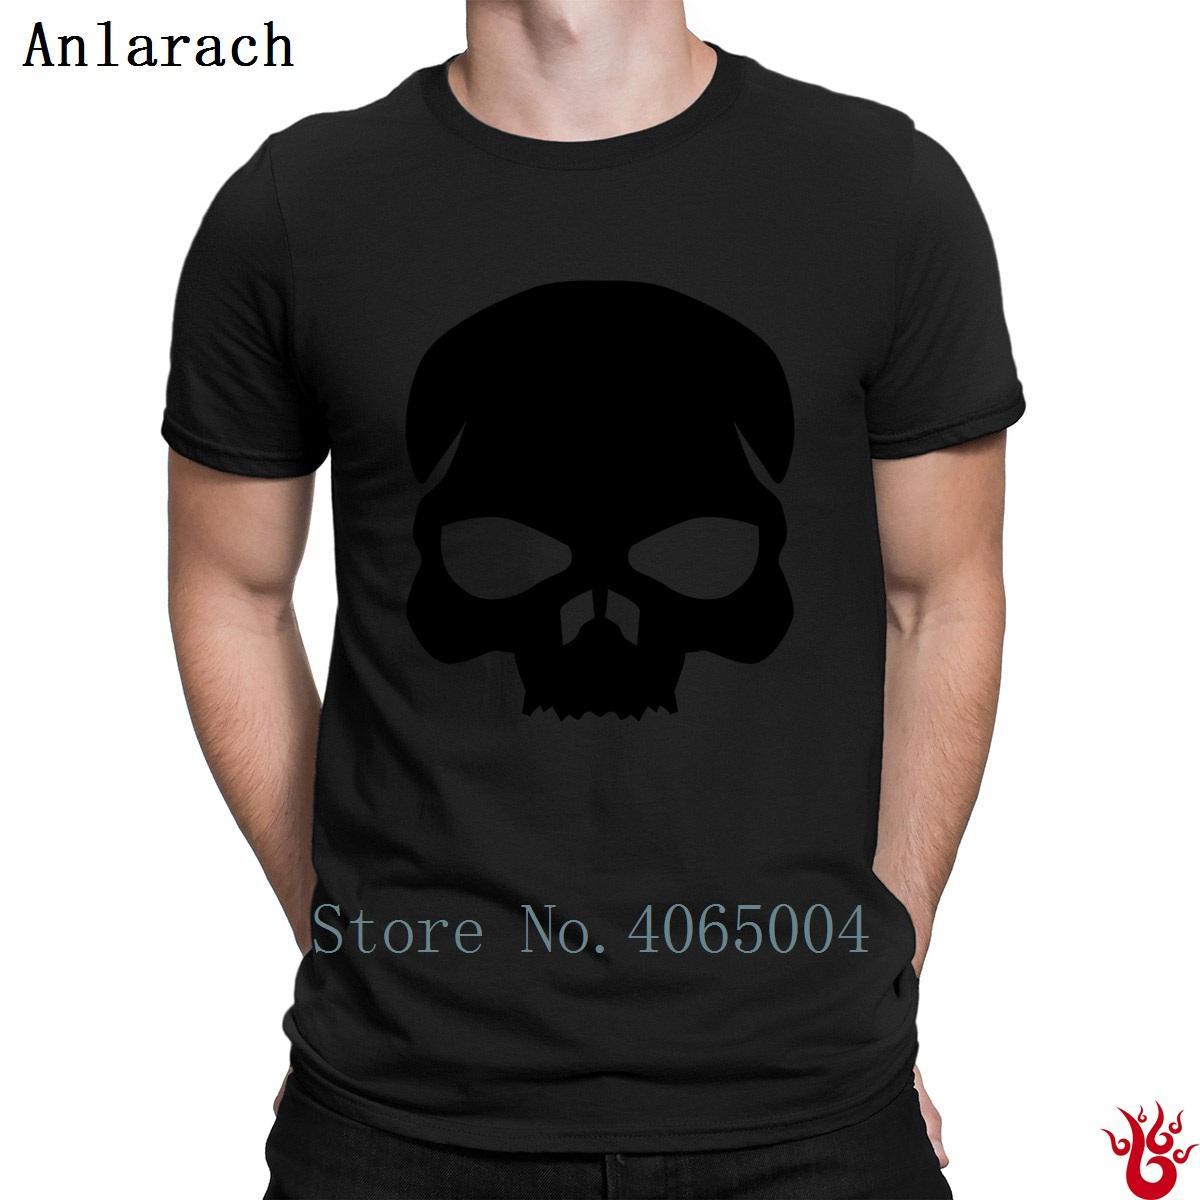 해골 티셔츠 의상 크루 넥 힙합 남성 T 셔츠 여름 짧은 소매 자연 맞추기 재미 캐주얼 디자인